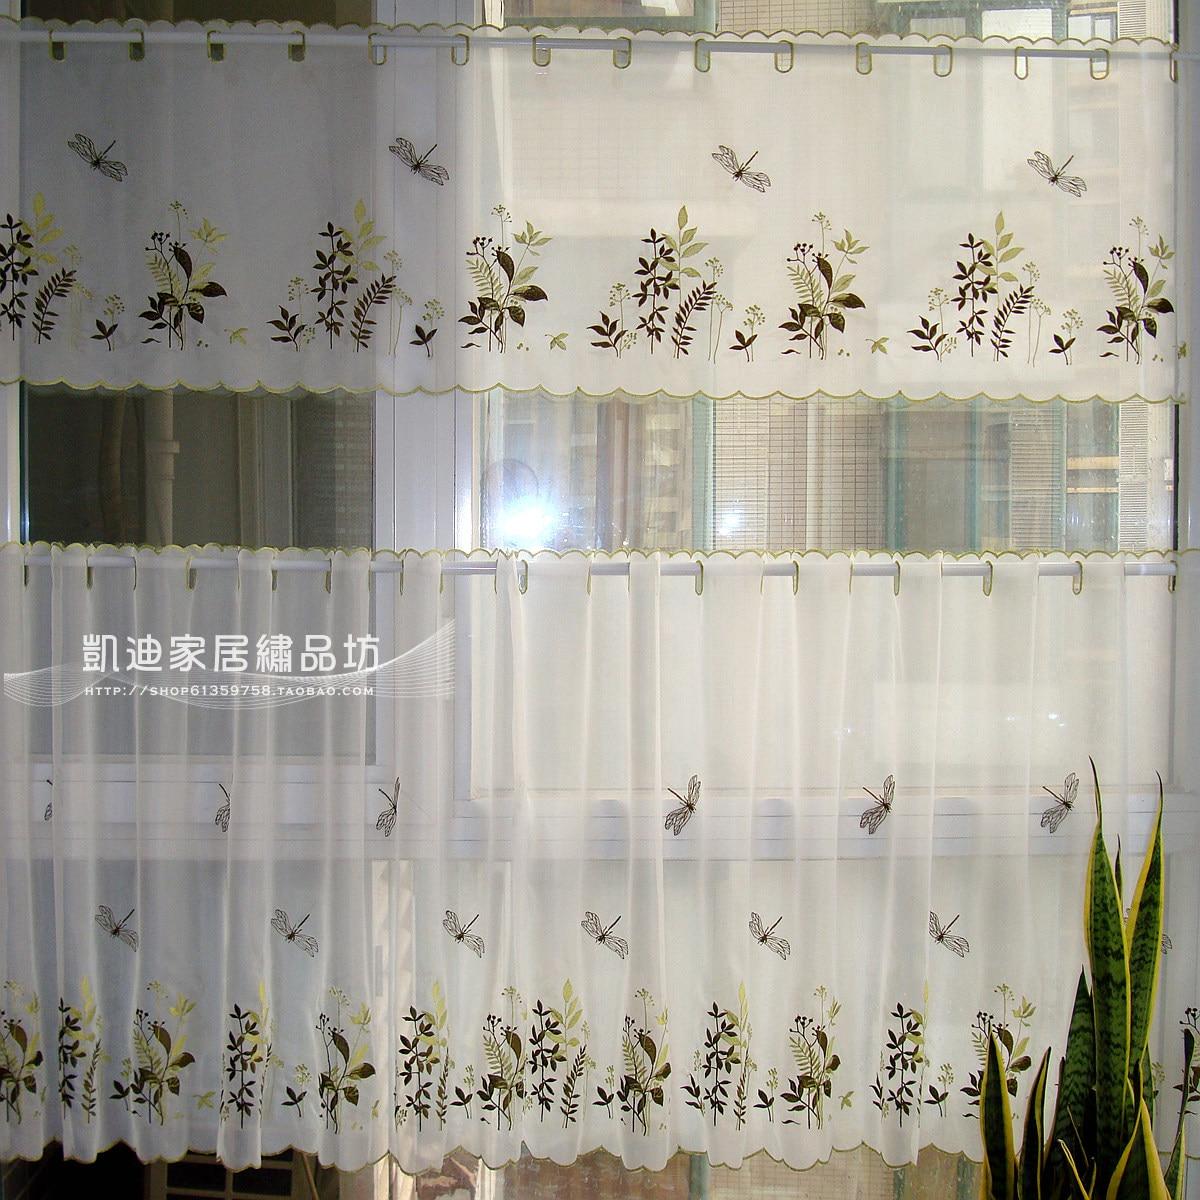 Telas para cortinas de cocina compra lotes baratos de telas para cortinas de cocina de china - Telas cortinas cocina ...